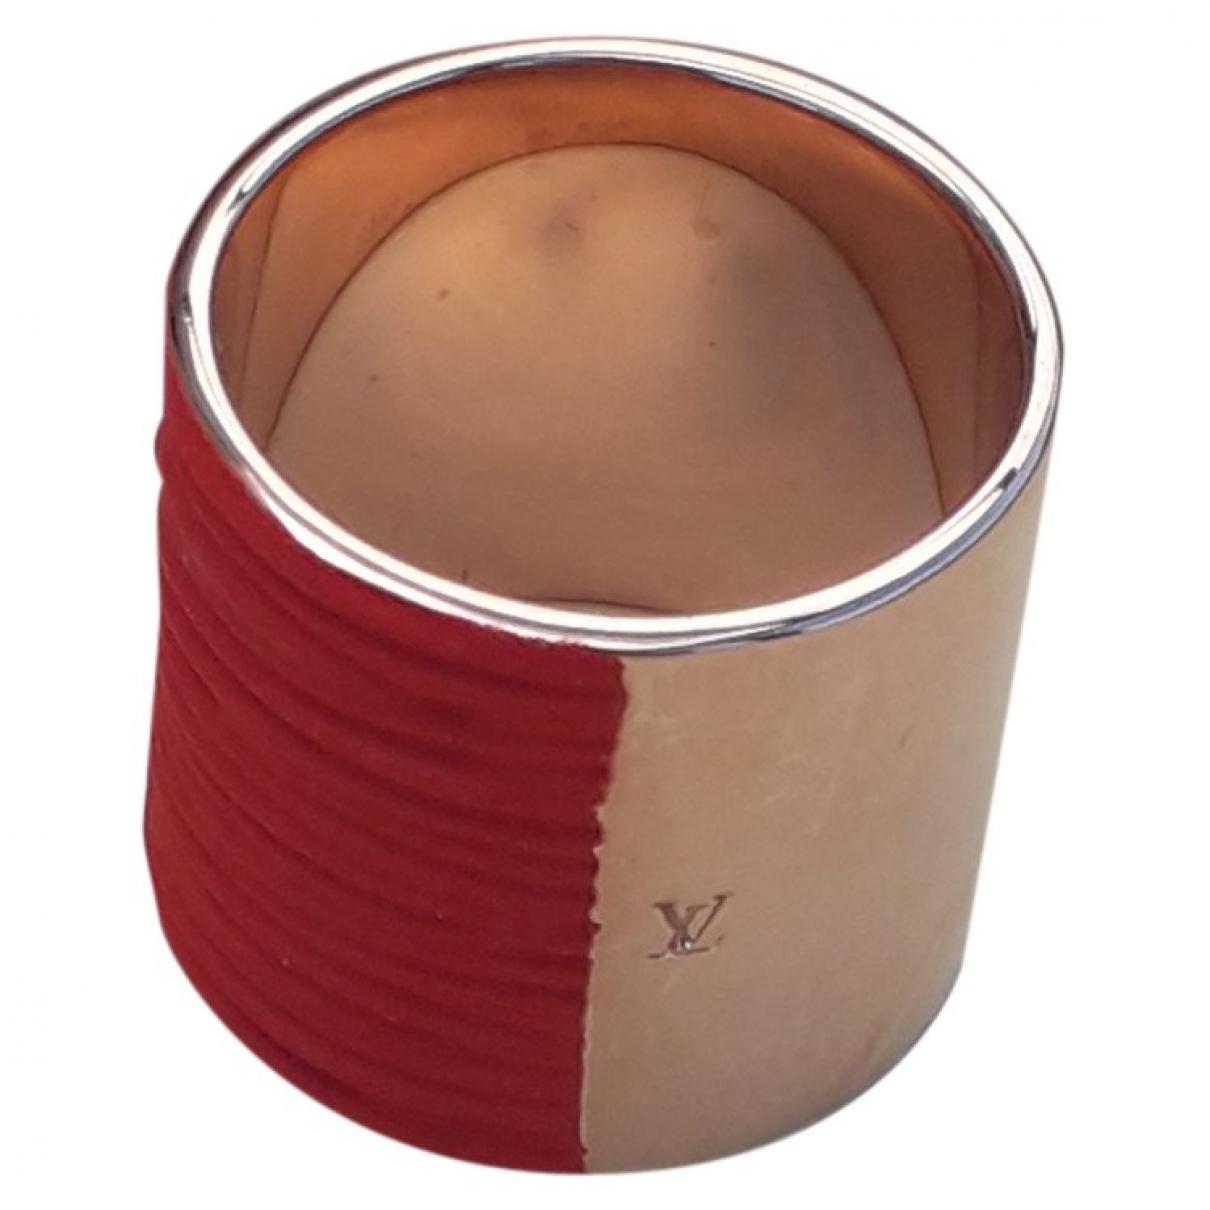 Louis Vuitton \N Ring in  Rot Leder